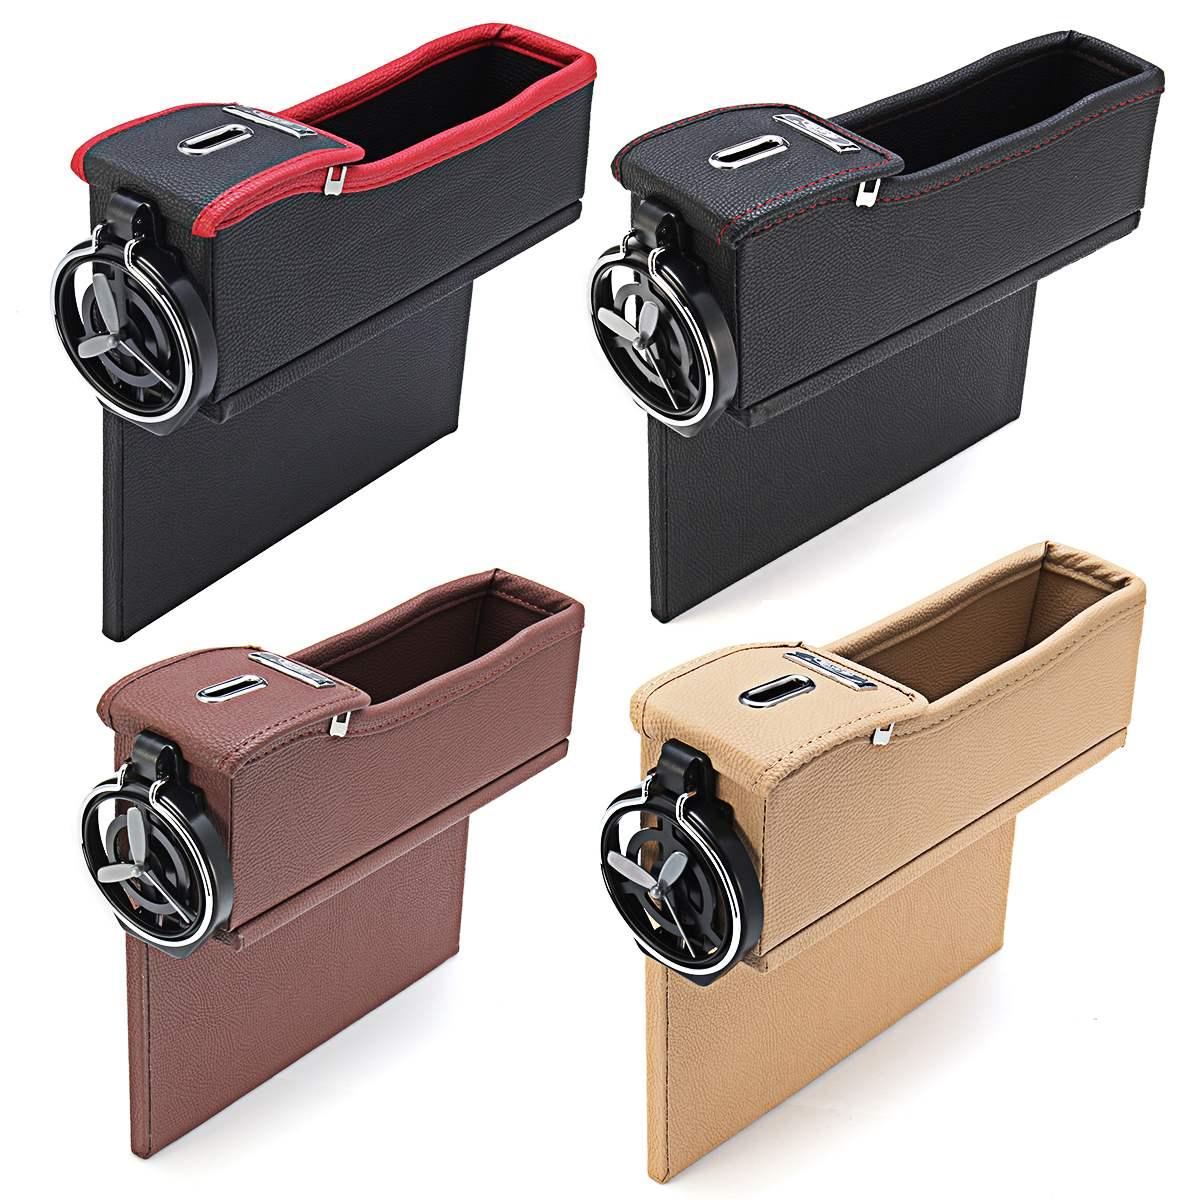 Autositz Spalt Links/Rechte Seite Multifunktions Seat Lücke Catcher Münzsammler Getränkehalter Aufbewahrungsbox Organizer LHD RHD